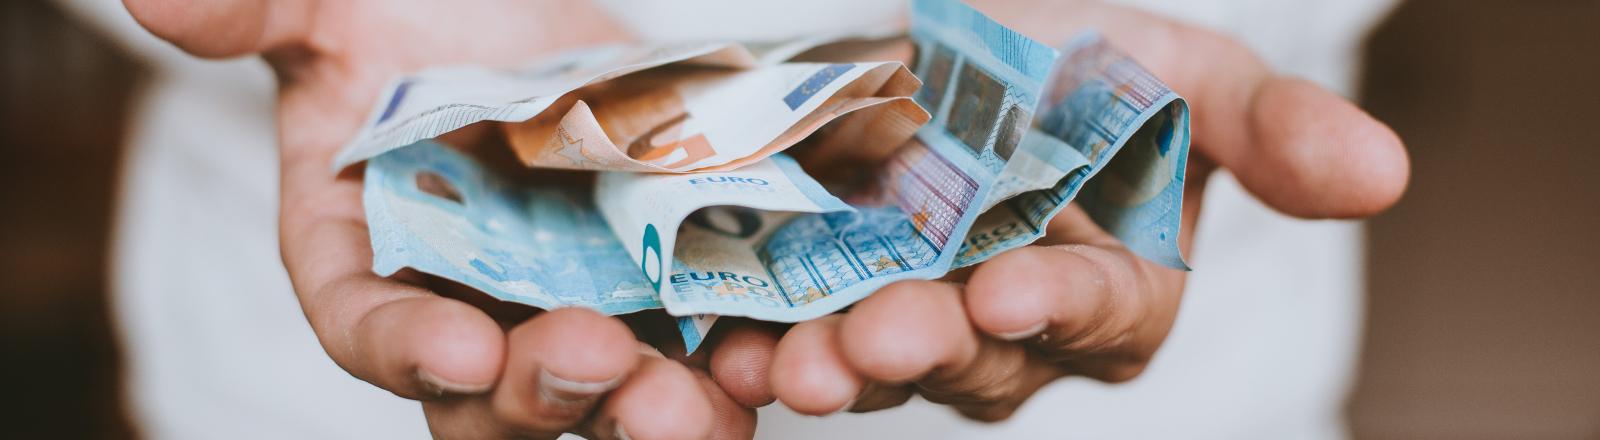 Eine Person hält Geldscheine in ihren Händen.